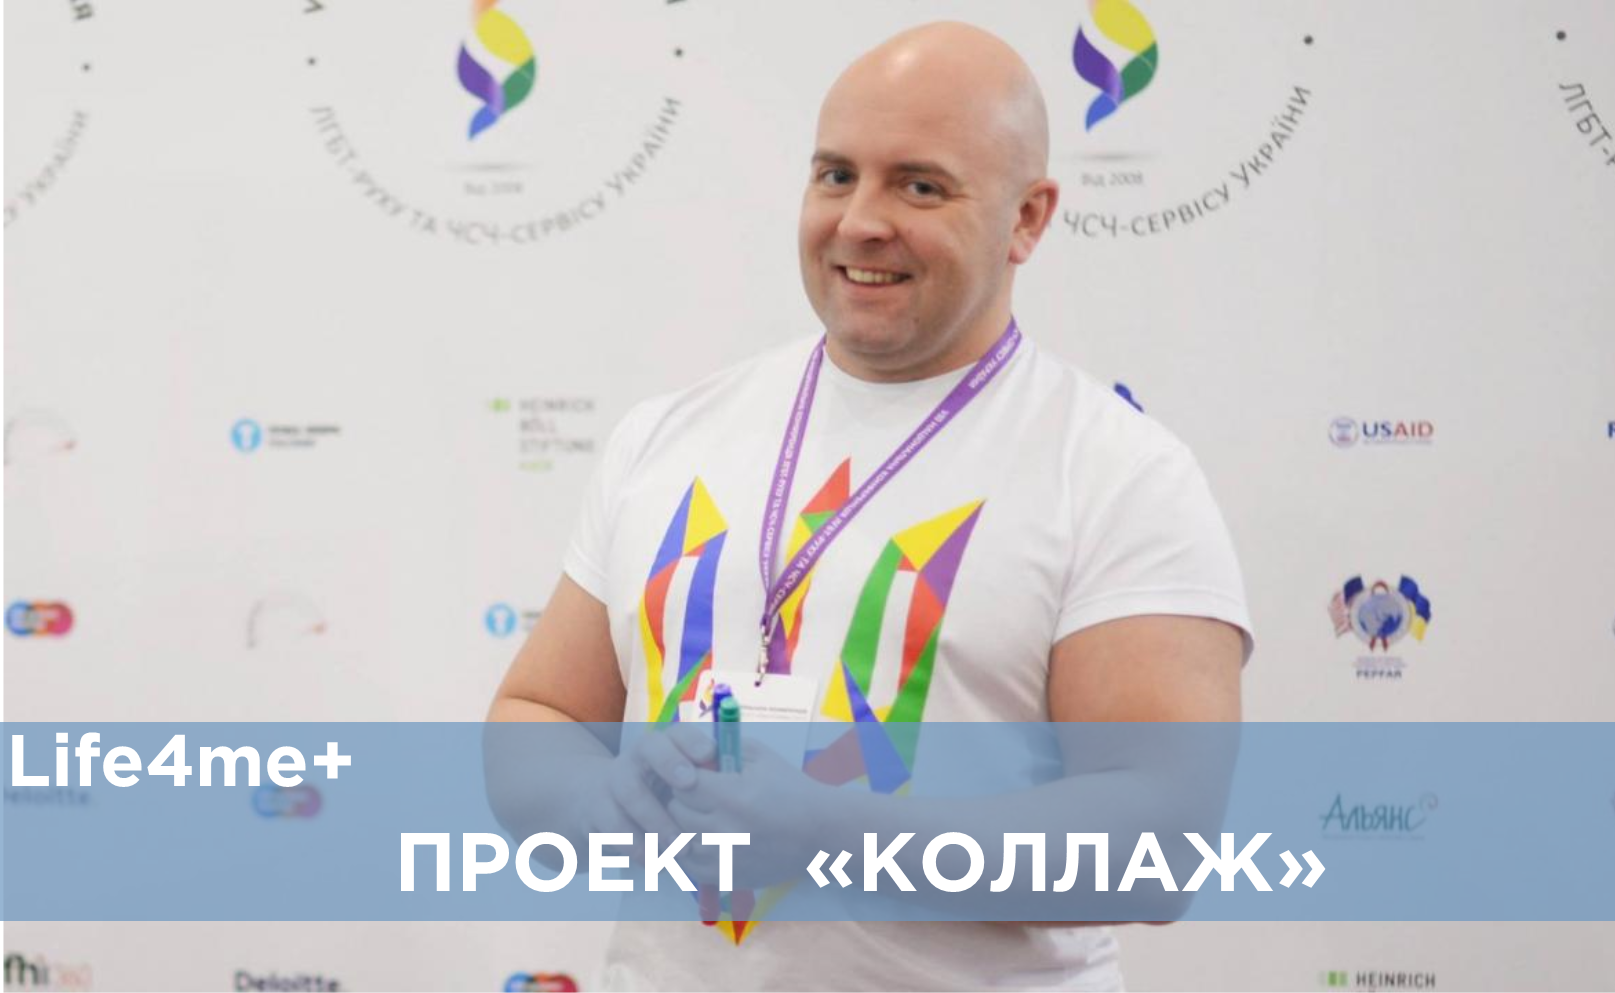 «Коллаж»: Святослав Шеремет, Украина (часть 2)